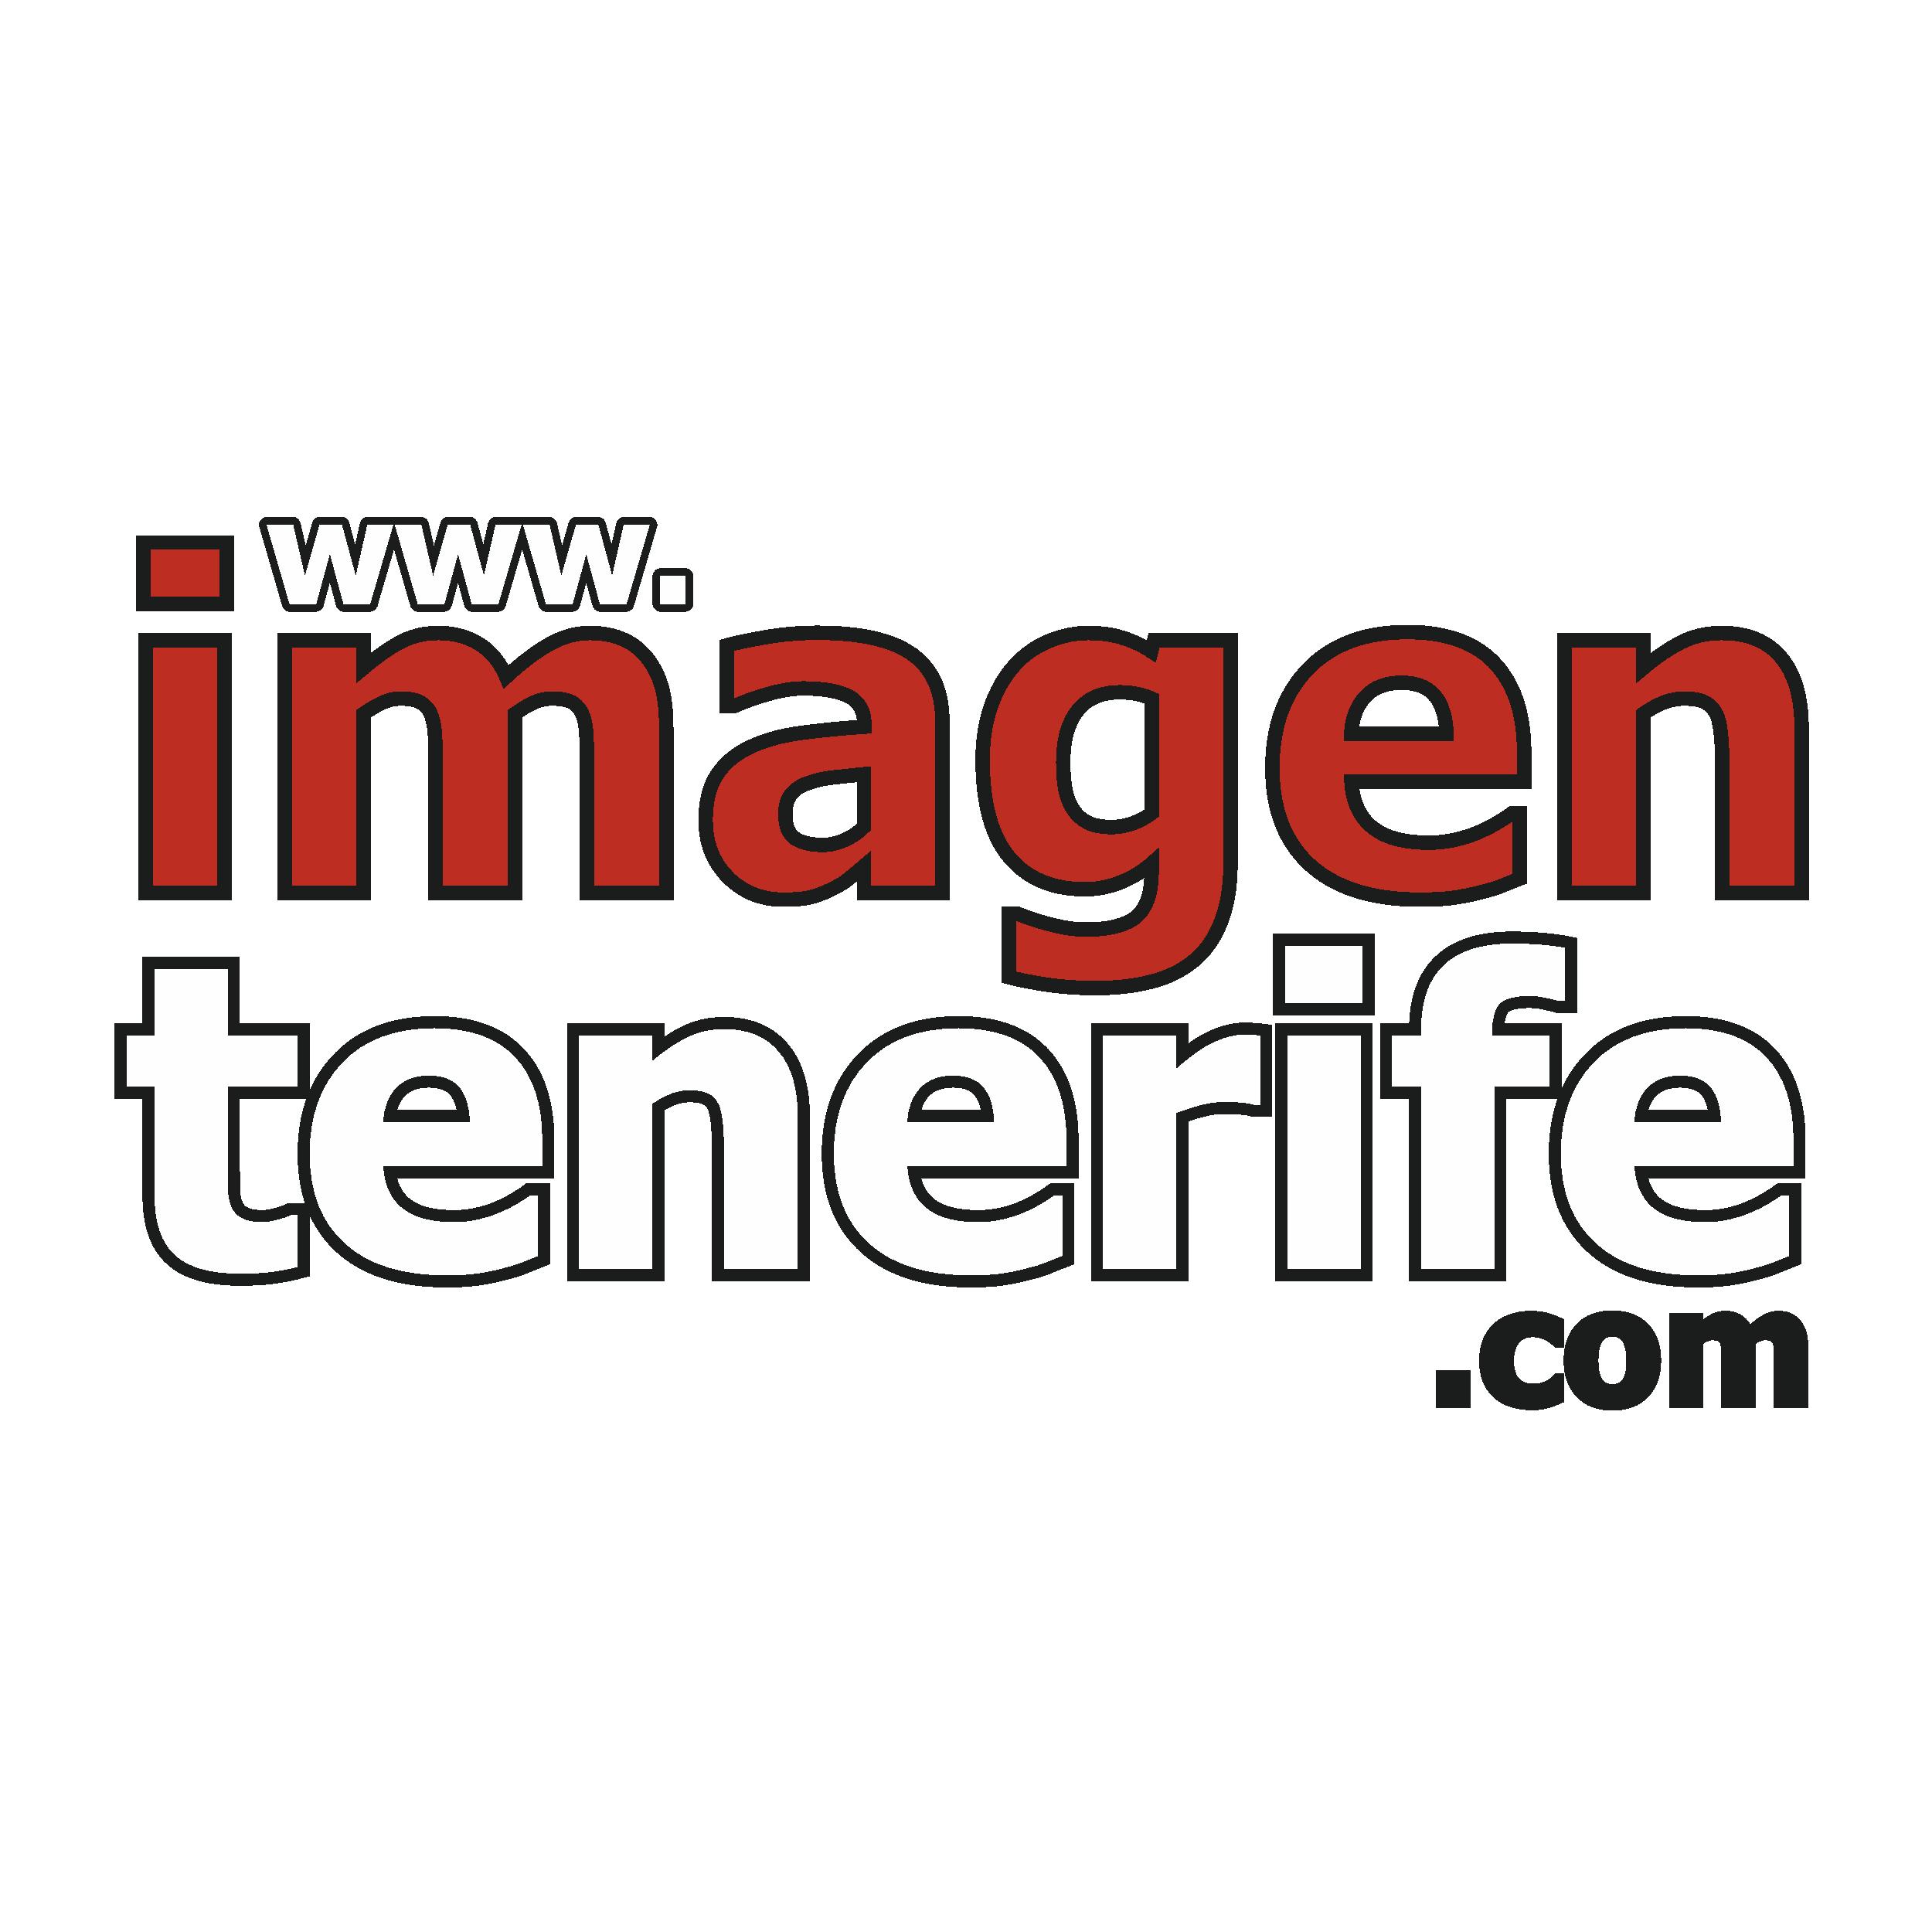 imagentenerife.com